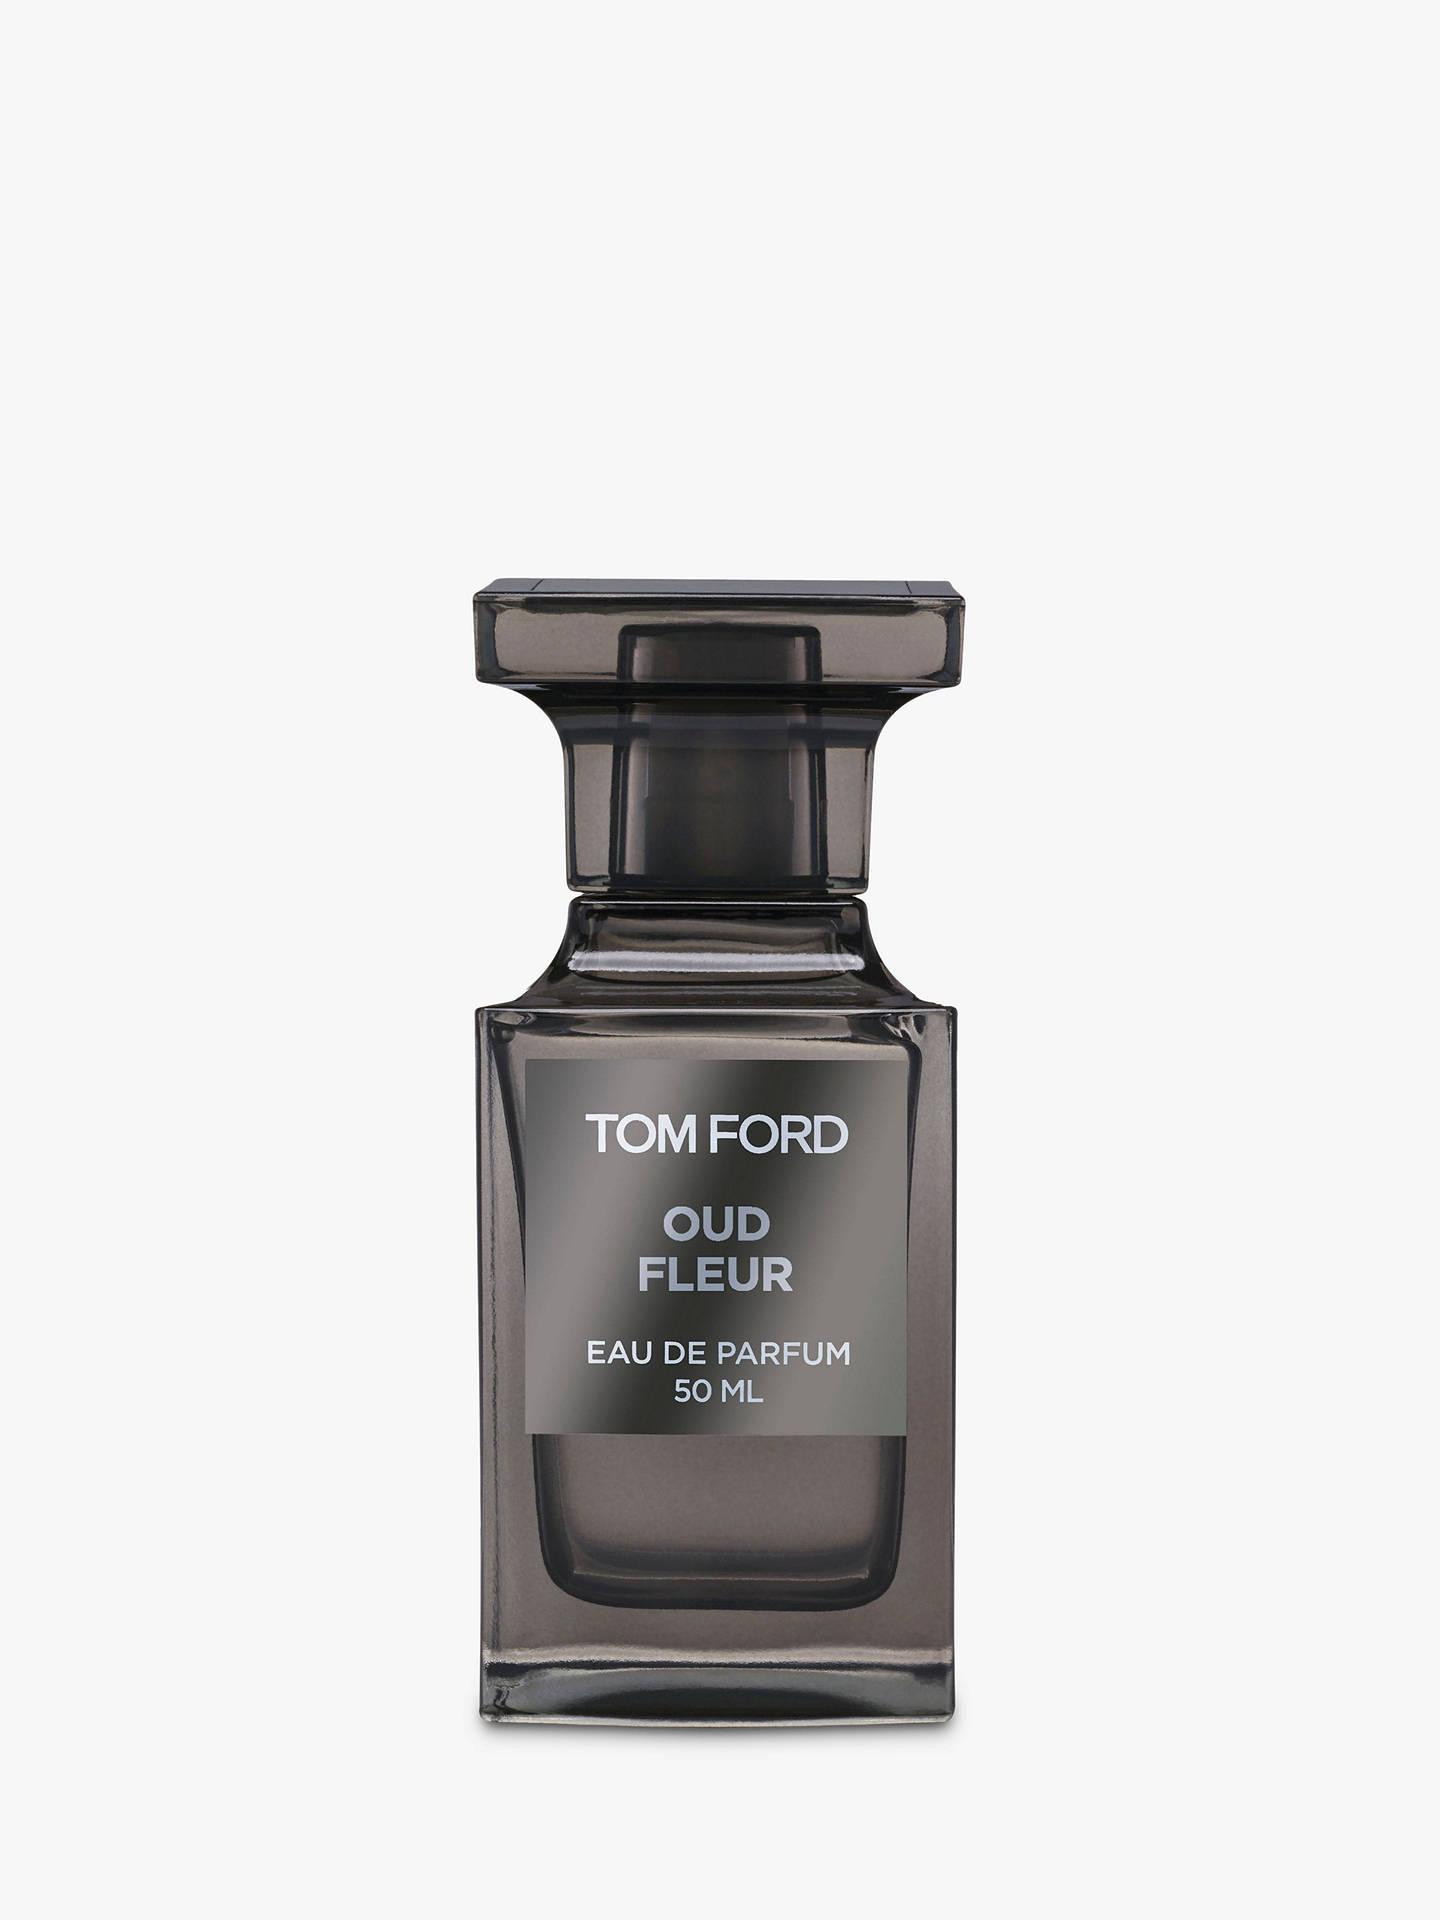 7dca0df67fcf TOM FORD Private Blend Oud Fleur Eau De Parfum, 50ml